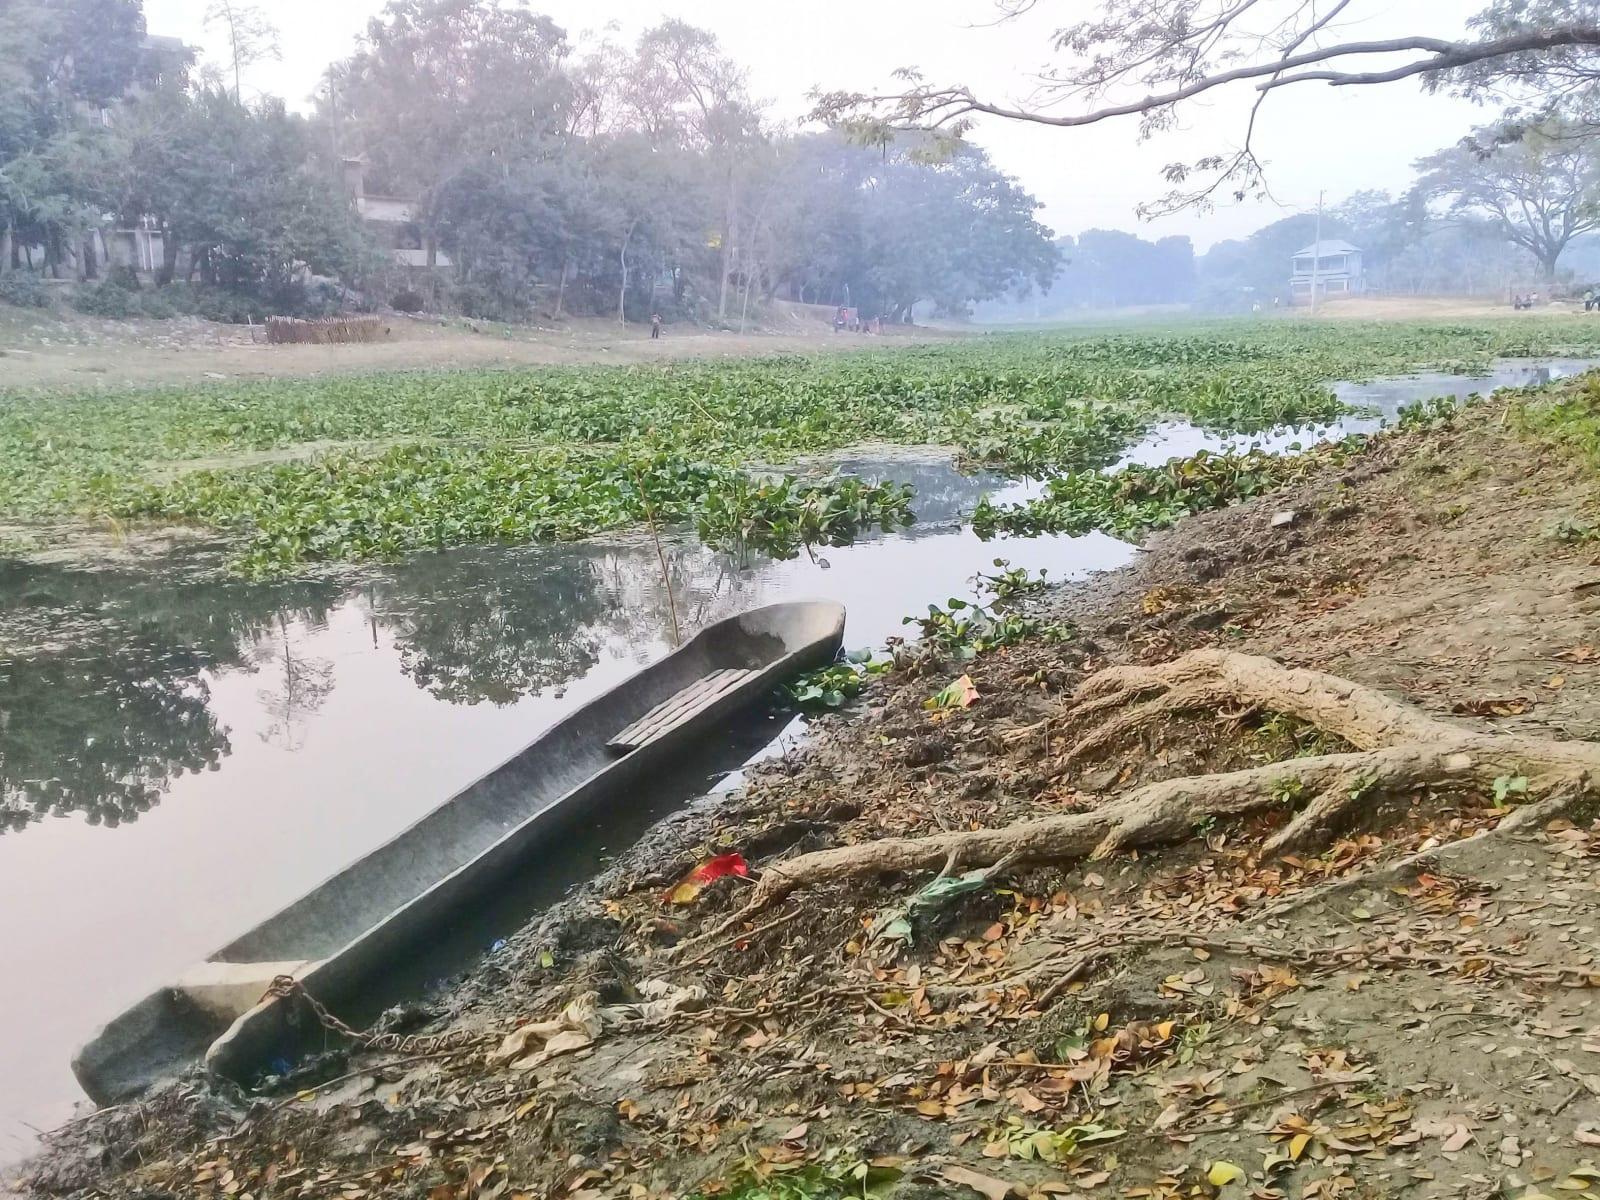 Tradiční bengálská loďka na rybaření, řeky jsou velmi důležitou součástí kultury, Bangladéš